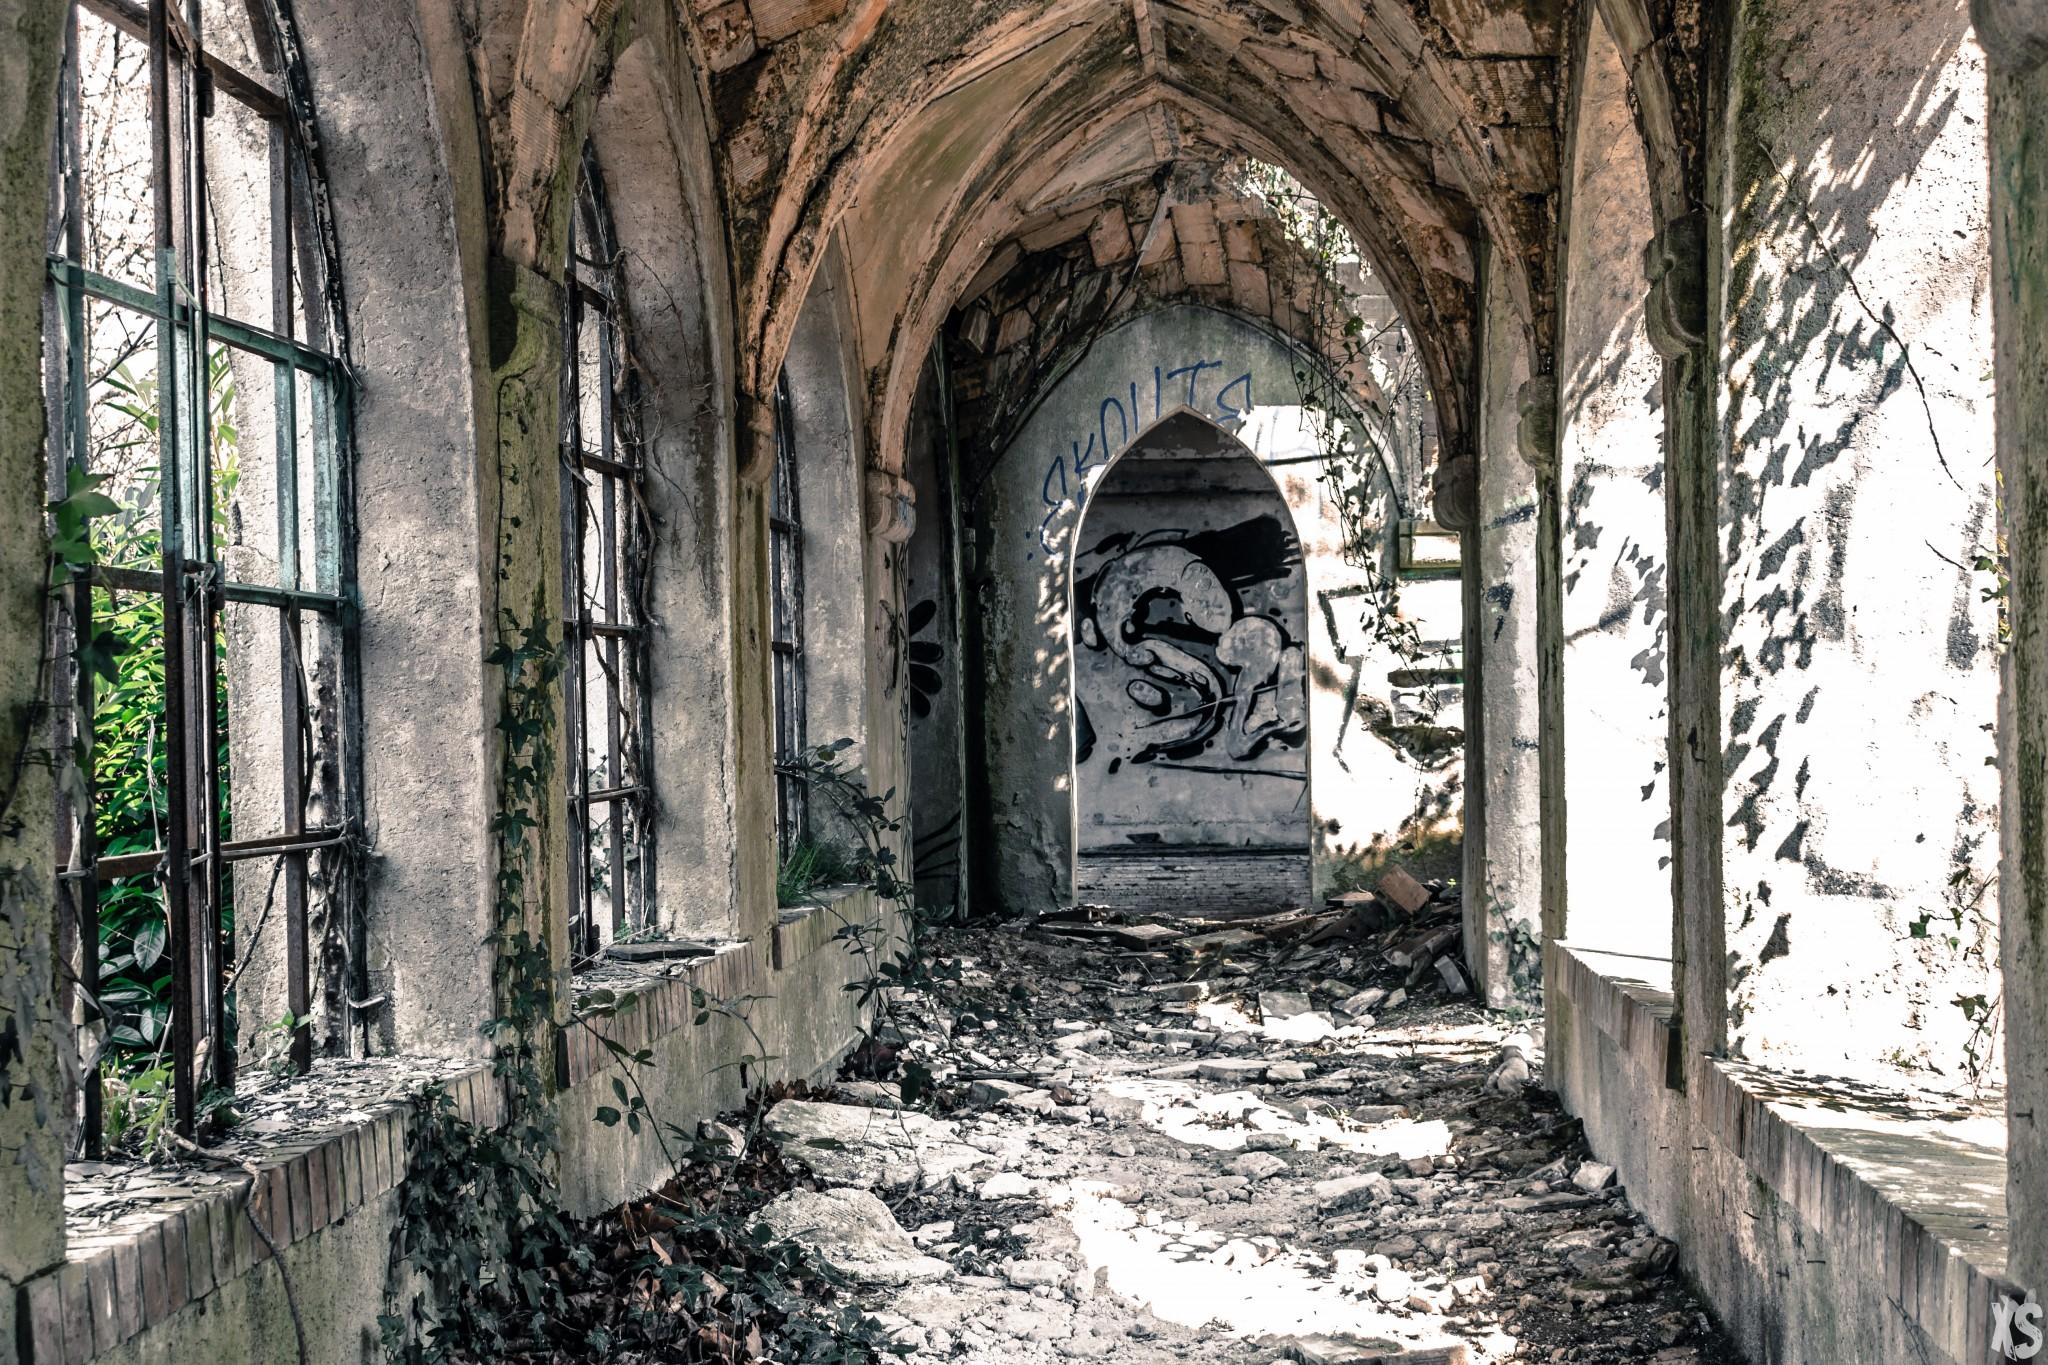 domaine-des-trois-colonnes-angervilliers-12